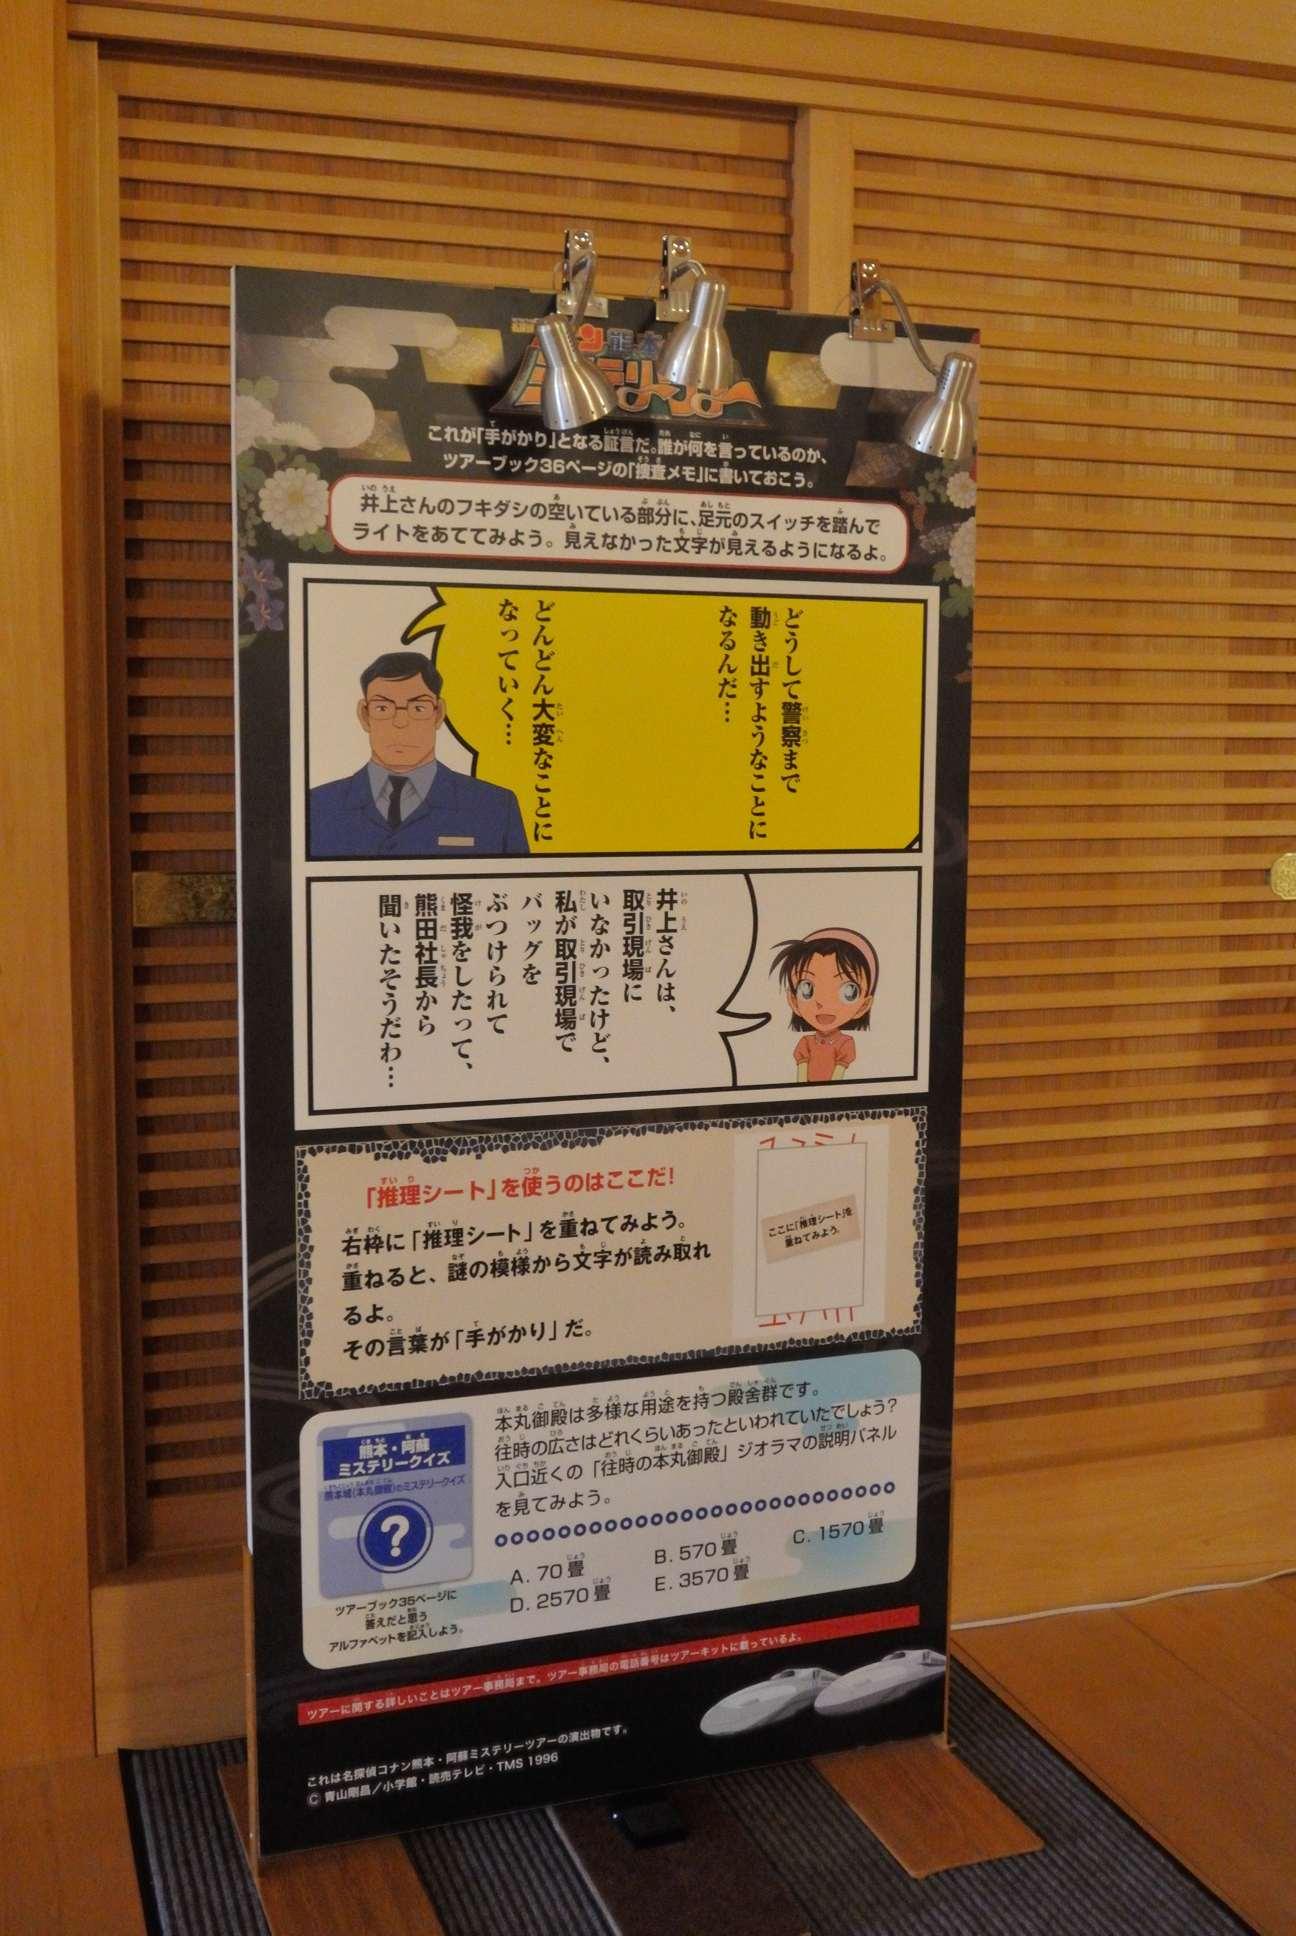 熊本城内コナンミステリーツアーの出し物